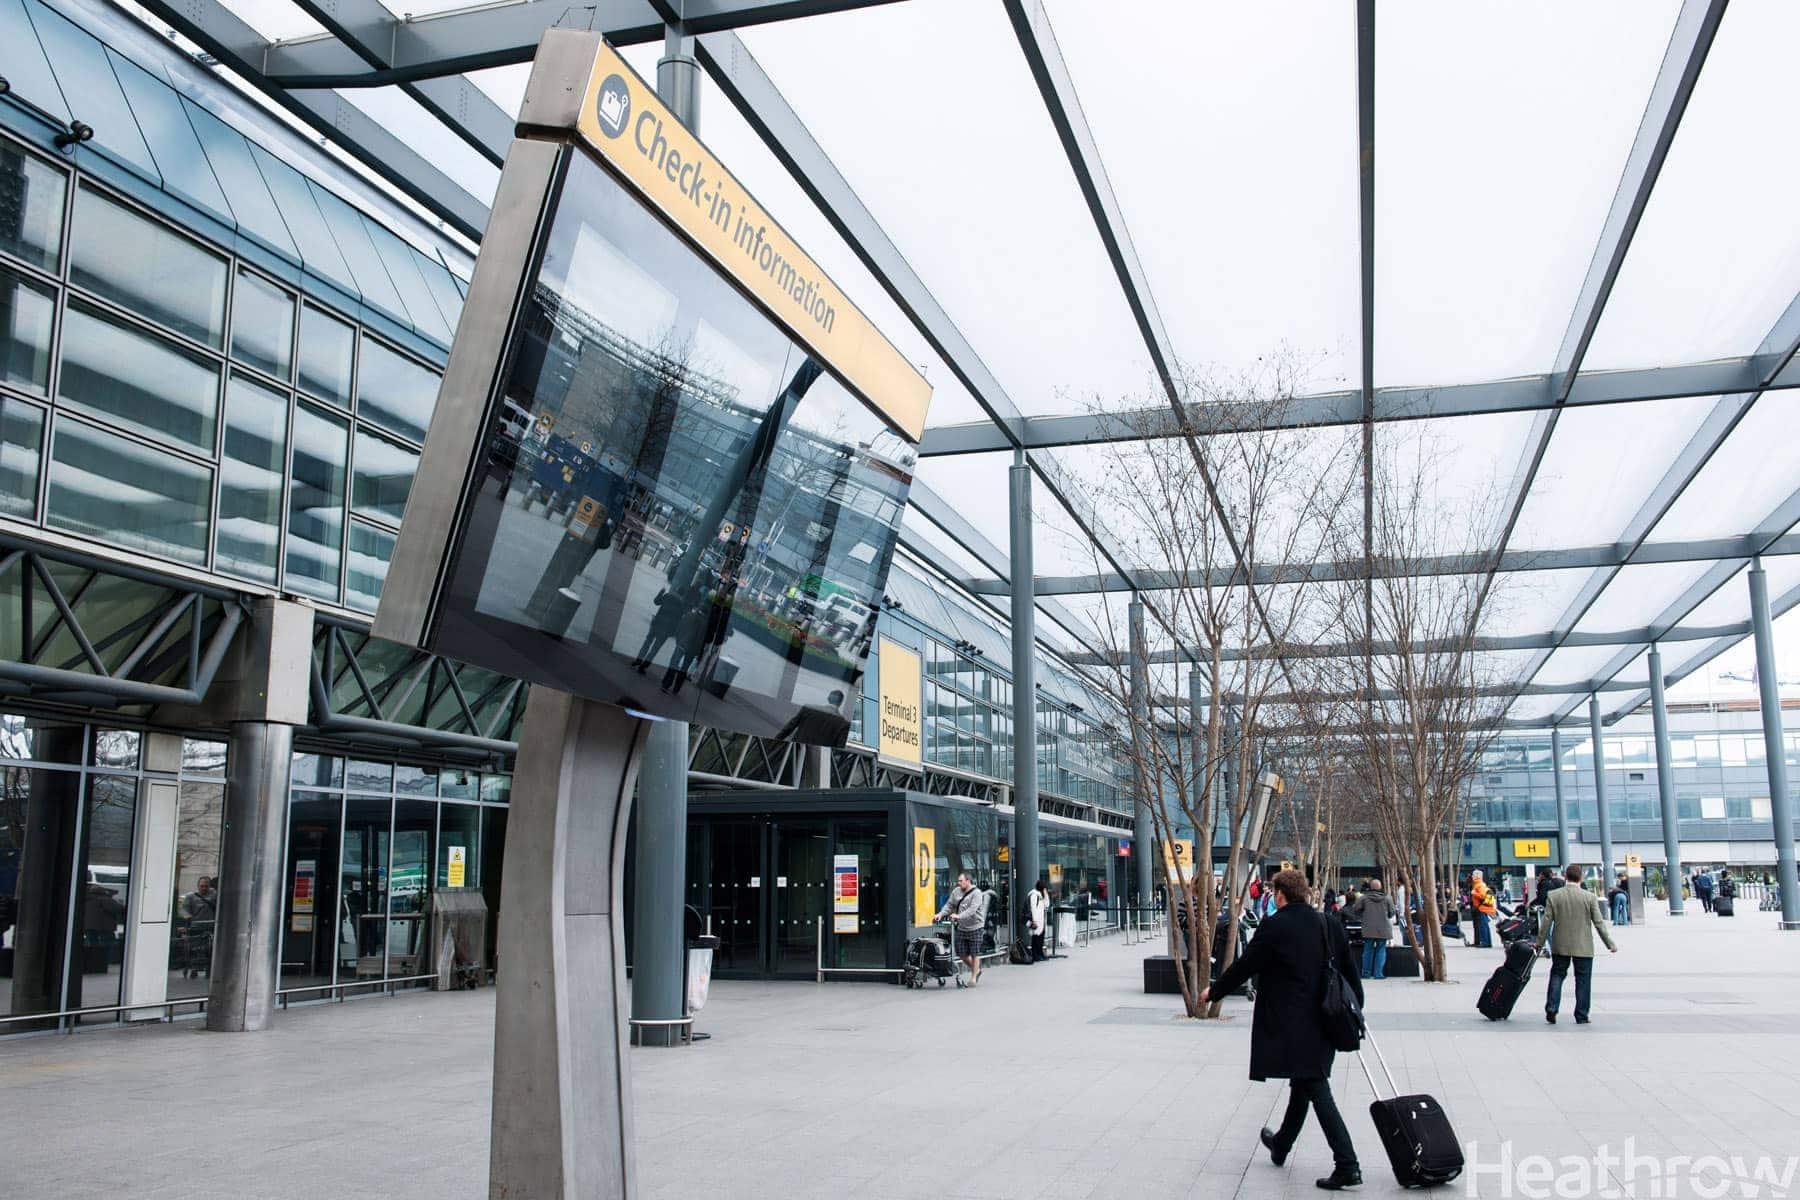 Termina 3 del Aeropuerto de Heathrow